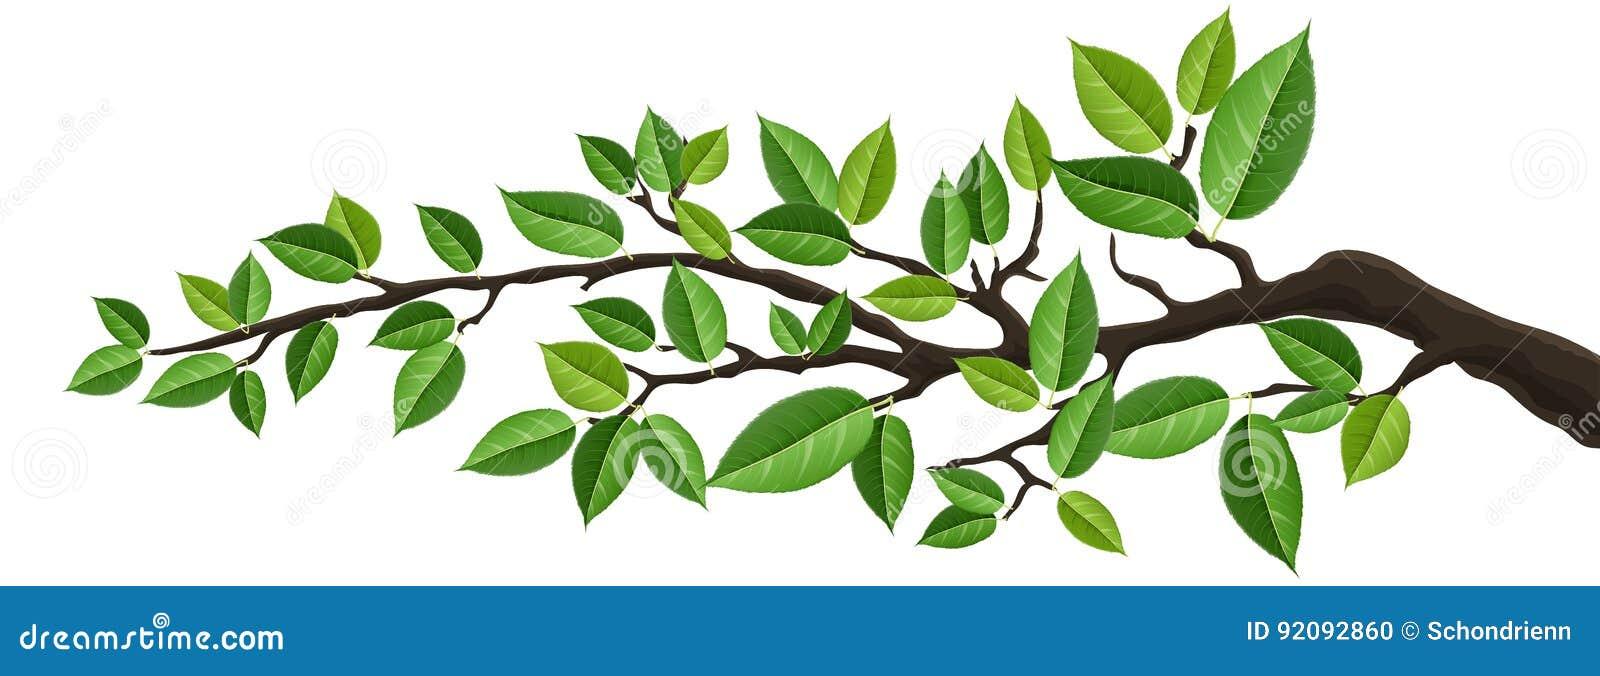 Insegna orizzontale con il ramo di albero isolato con le foglie verdi